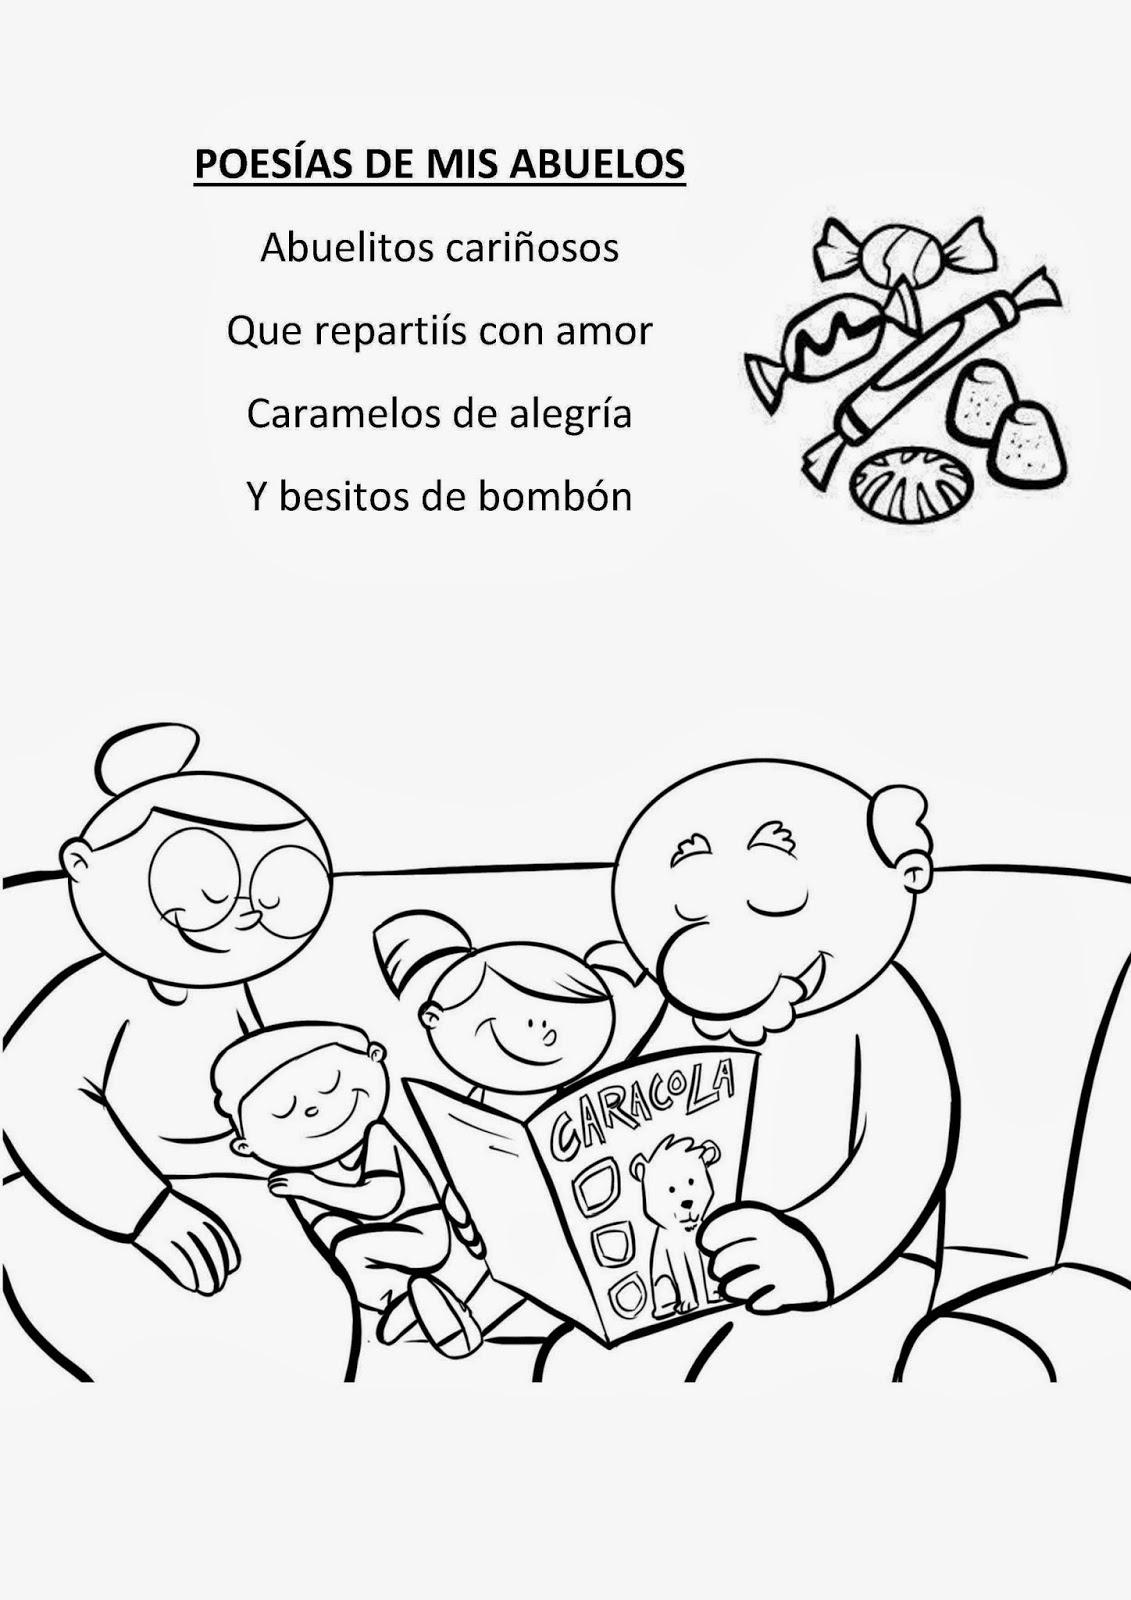 poemas para abuelos de ninos search results for poesias